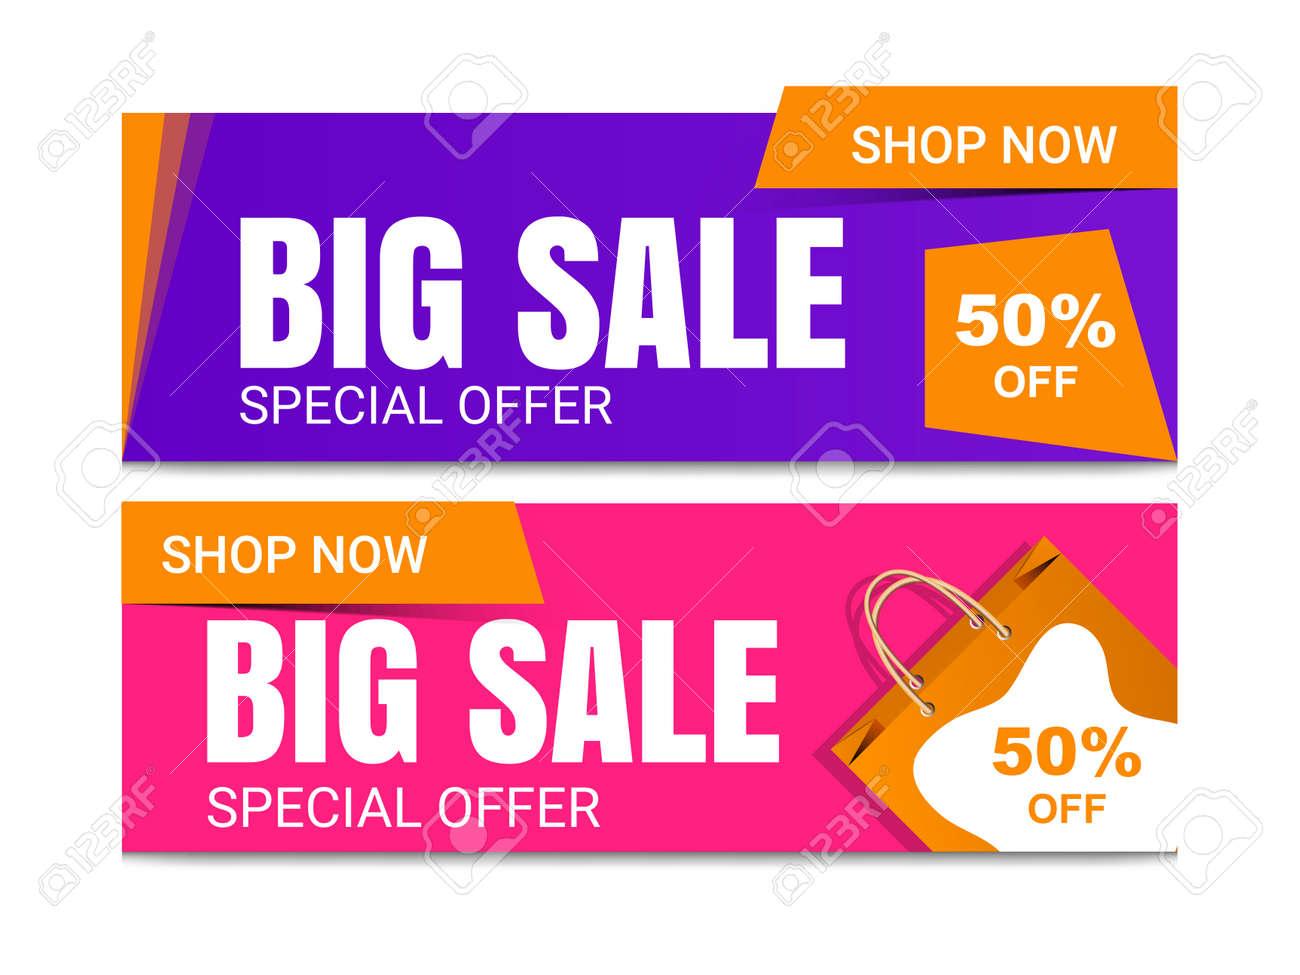 Super sale banner templete design for media promotions and Sale banner template design. - 168073236